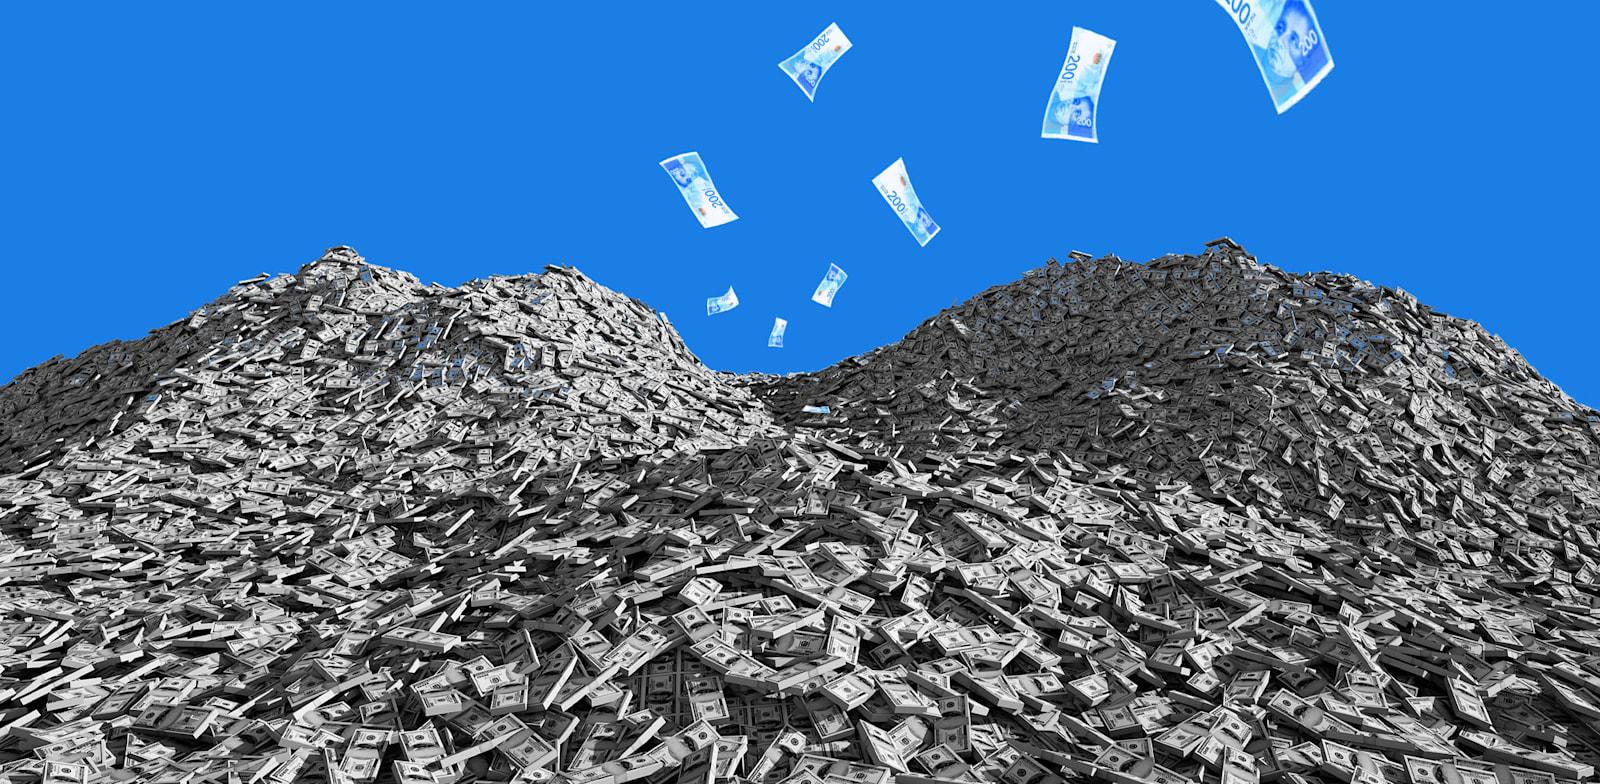 אינפלציה / עיבוד: טלי בוגדנובסקי